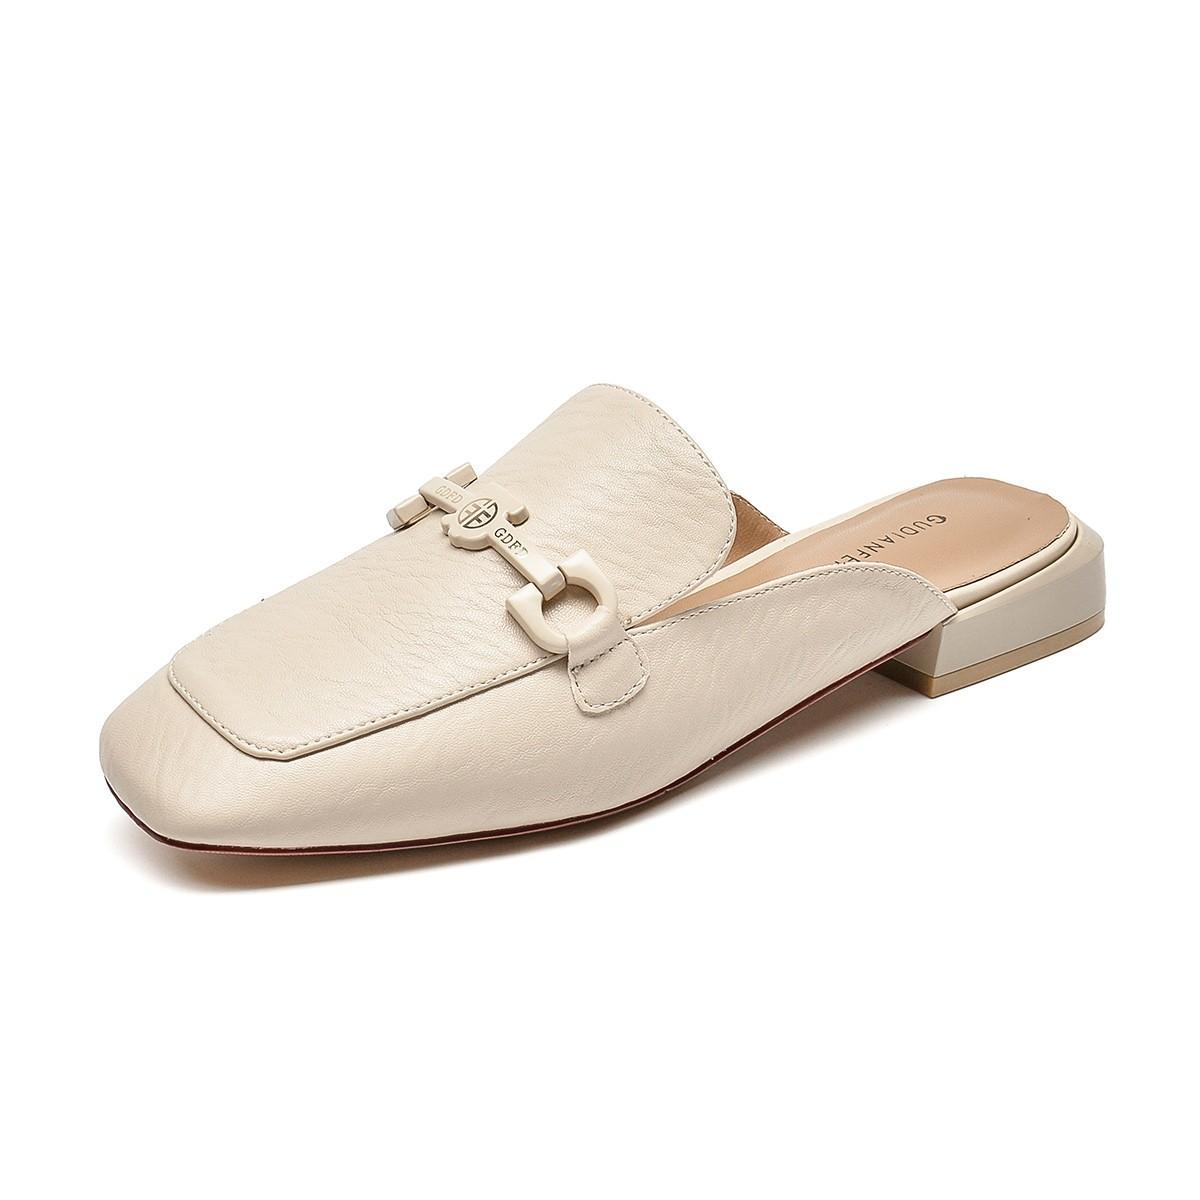 GUDIANFENDU 女士穆勒鞋 9789-6193102-03